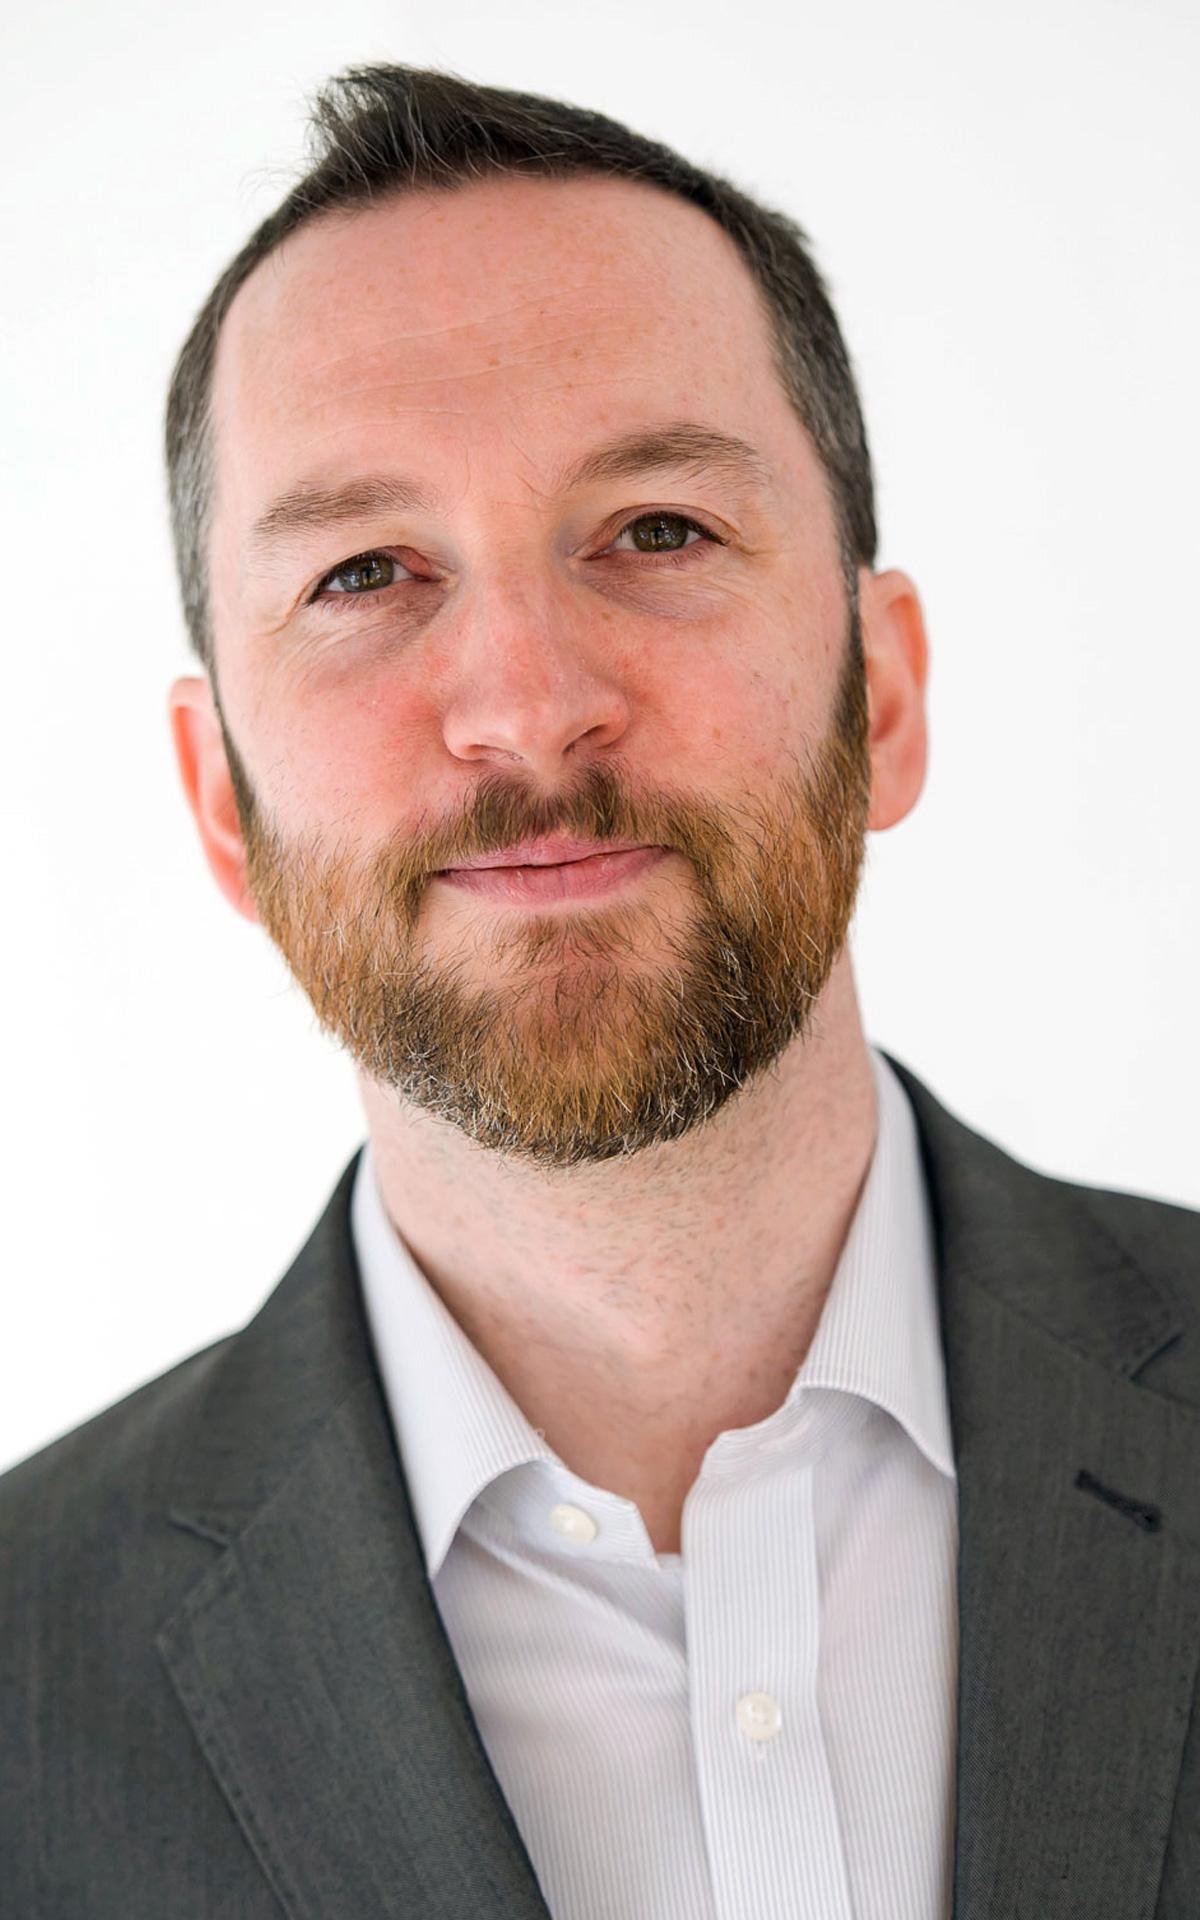 Duncan Andrew Thomas